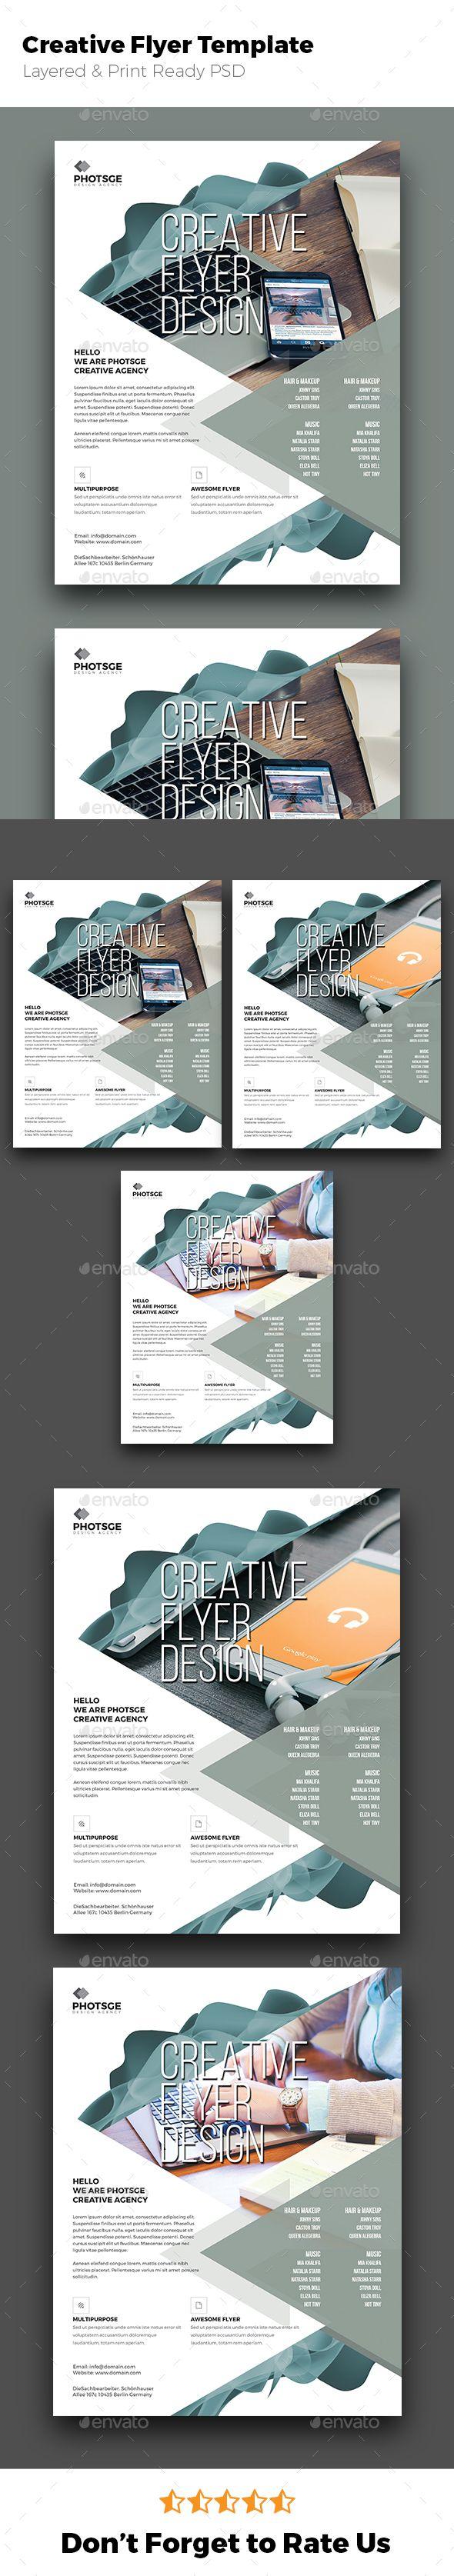 Creative Flyer Design | Diseño editorial, Editorial y Folletos